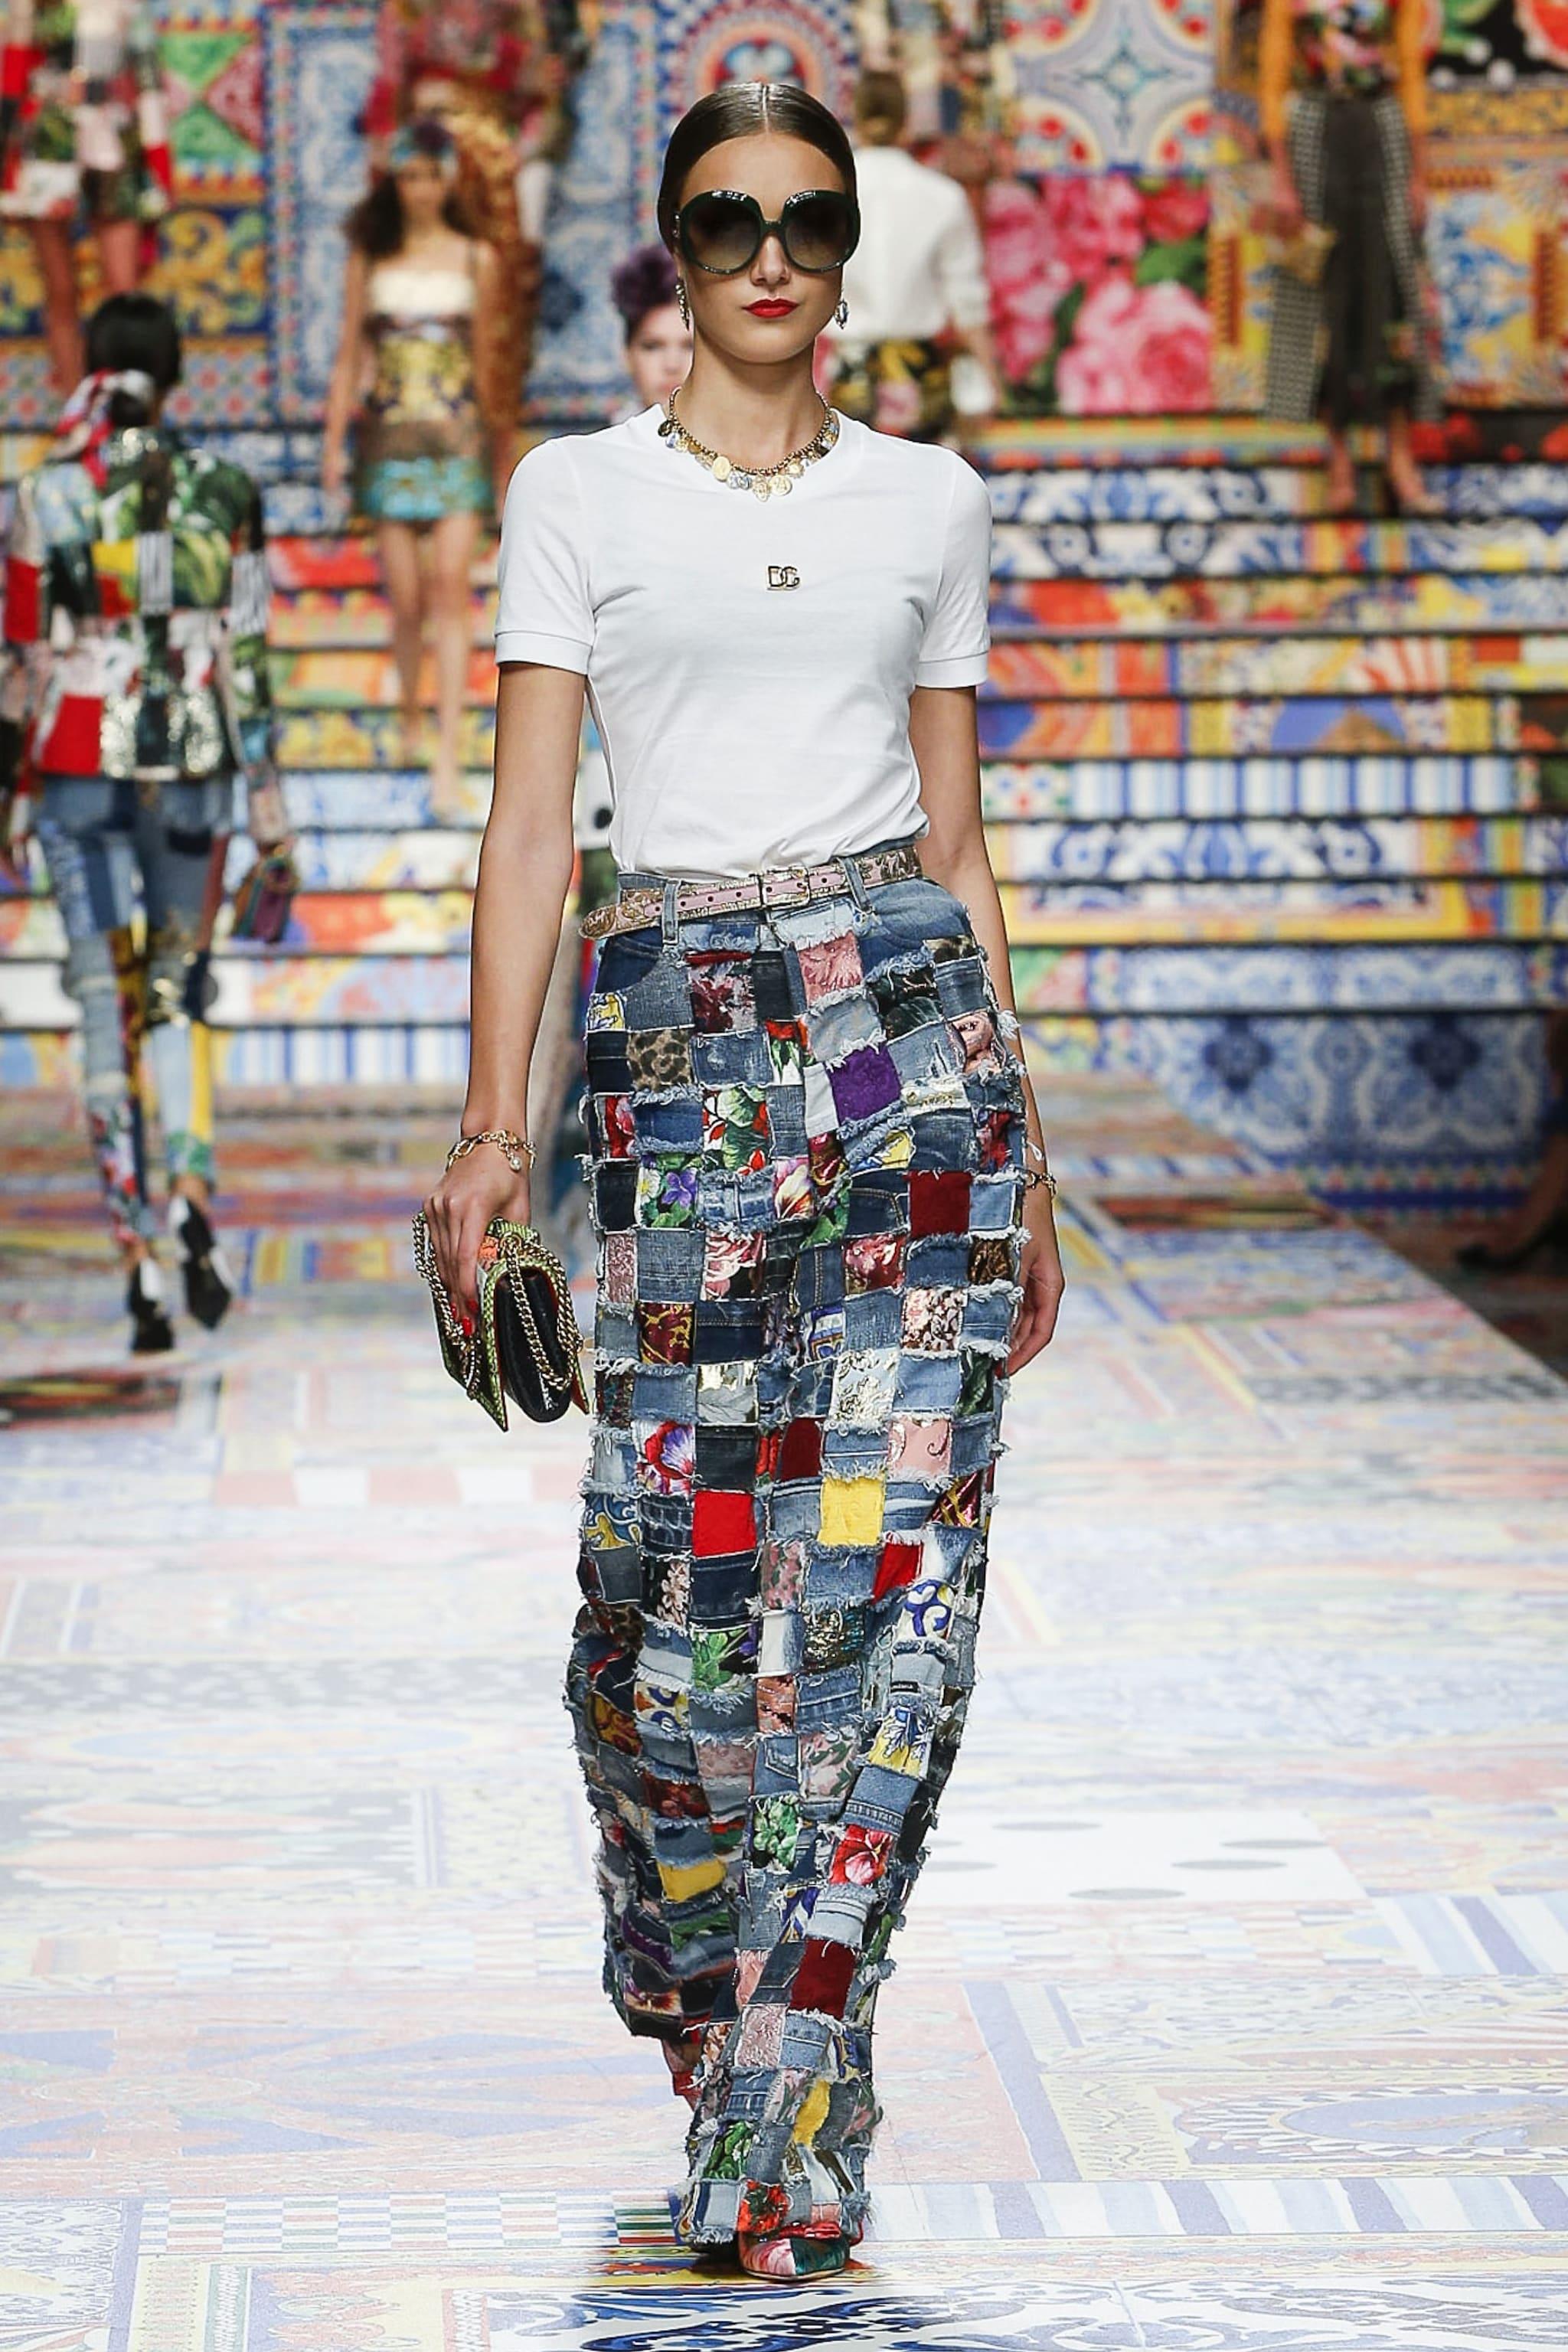 la sfilata Primavera/Estate 2021 di Dolce&Gabbana